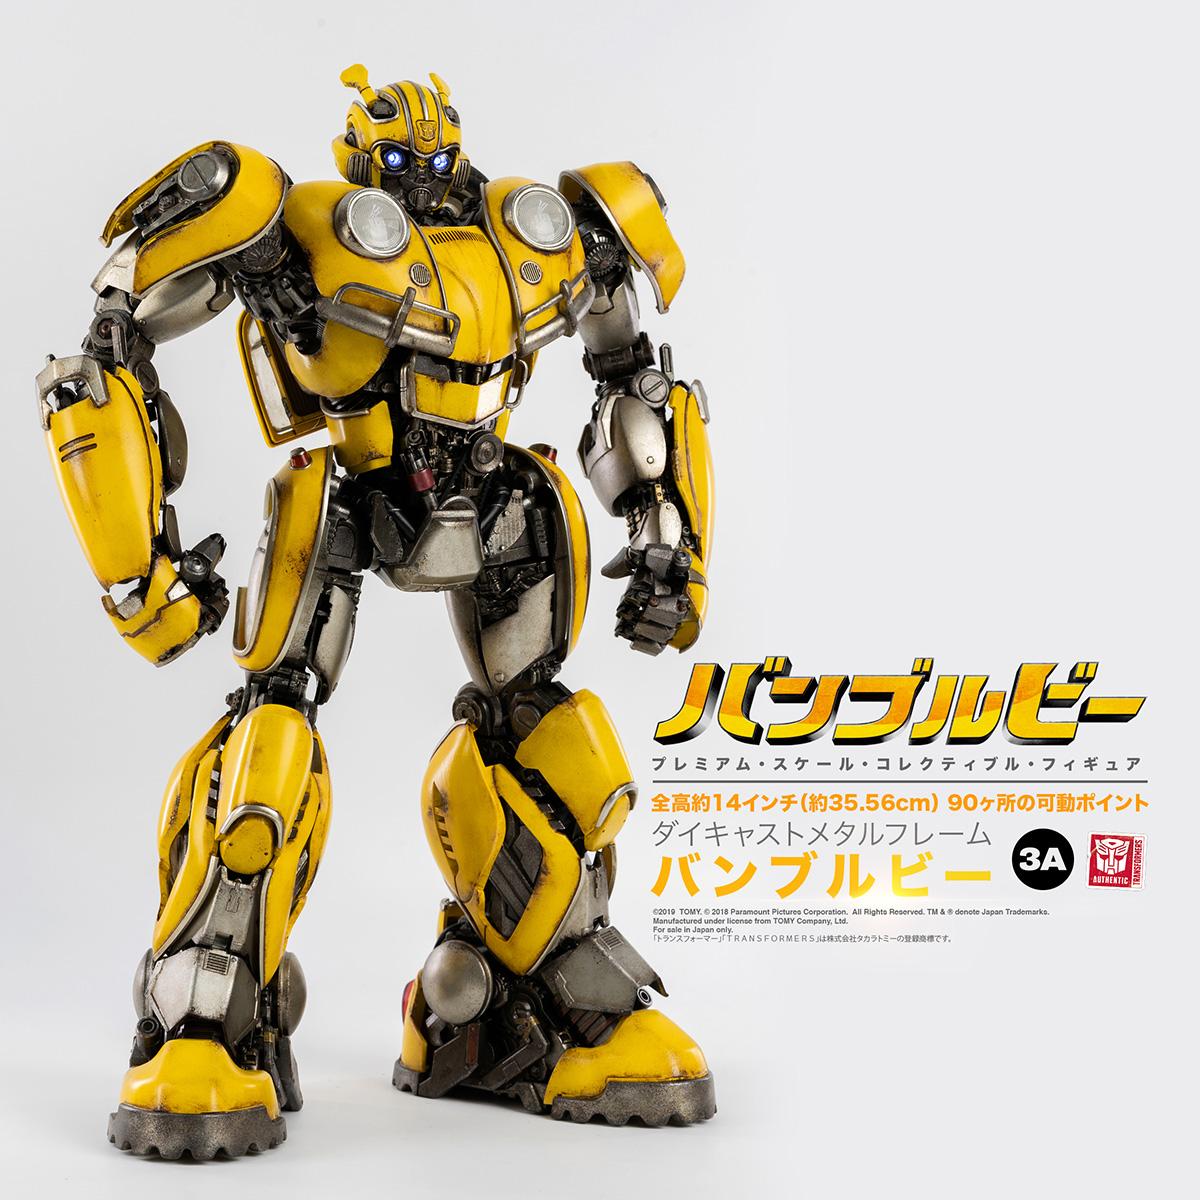 w_Bumblebee_JAP_PM_00007.jpg